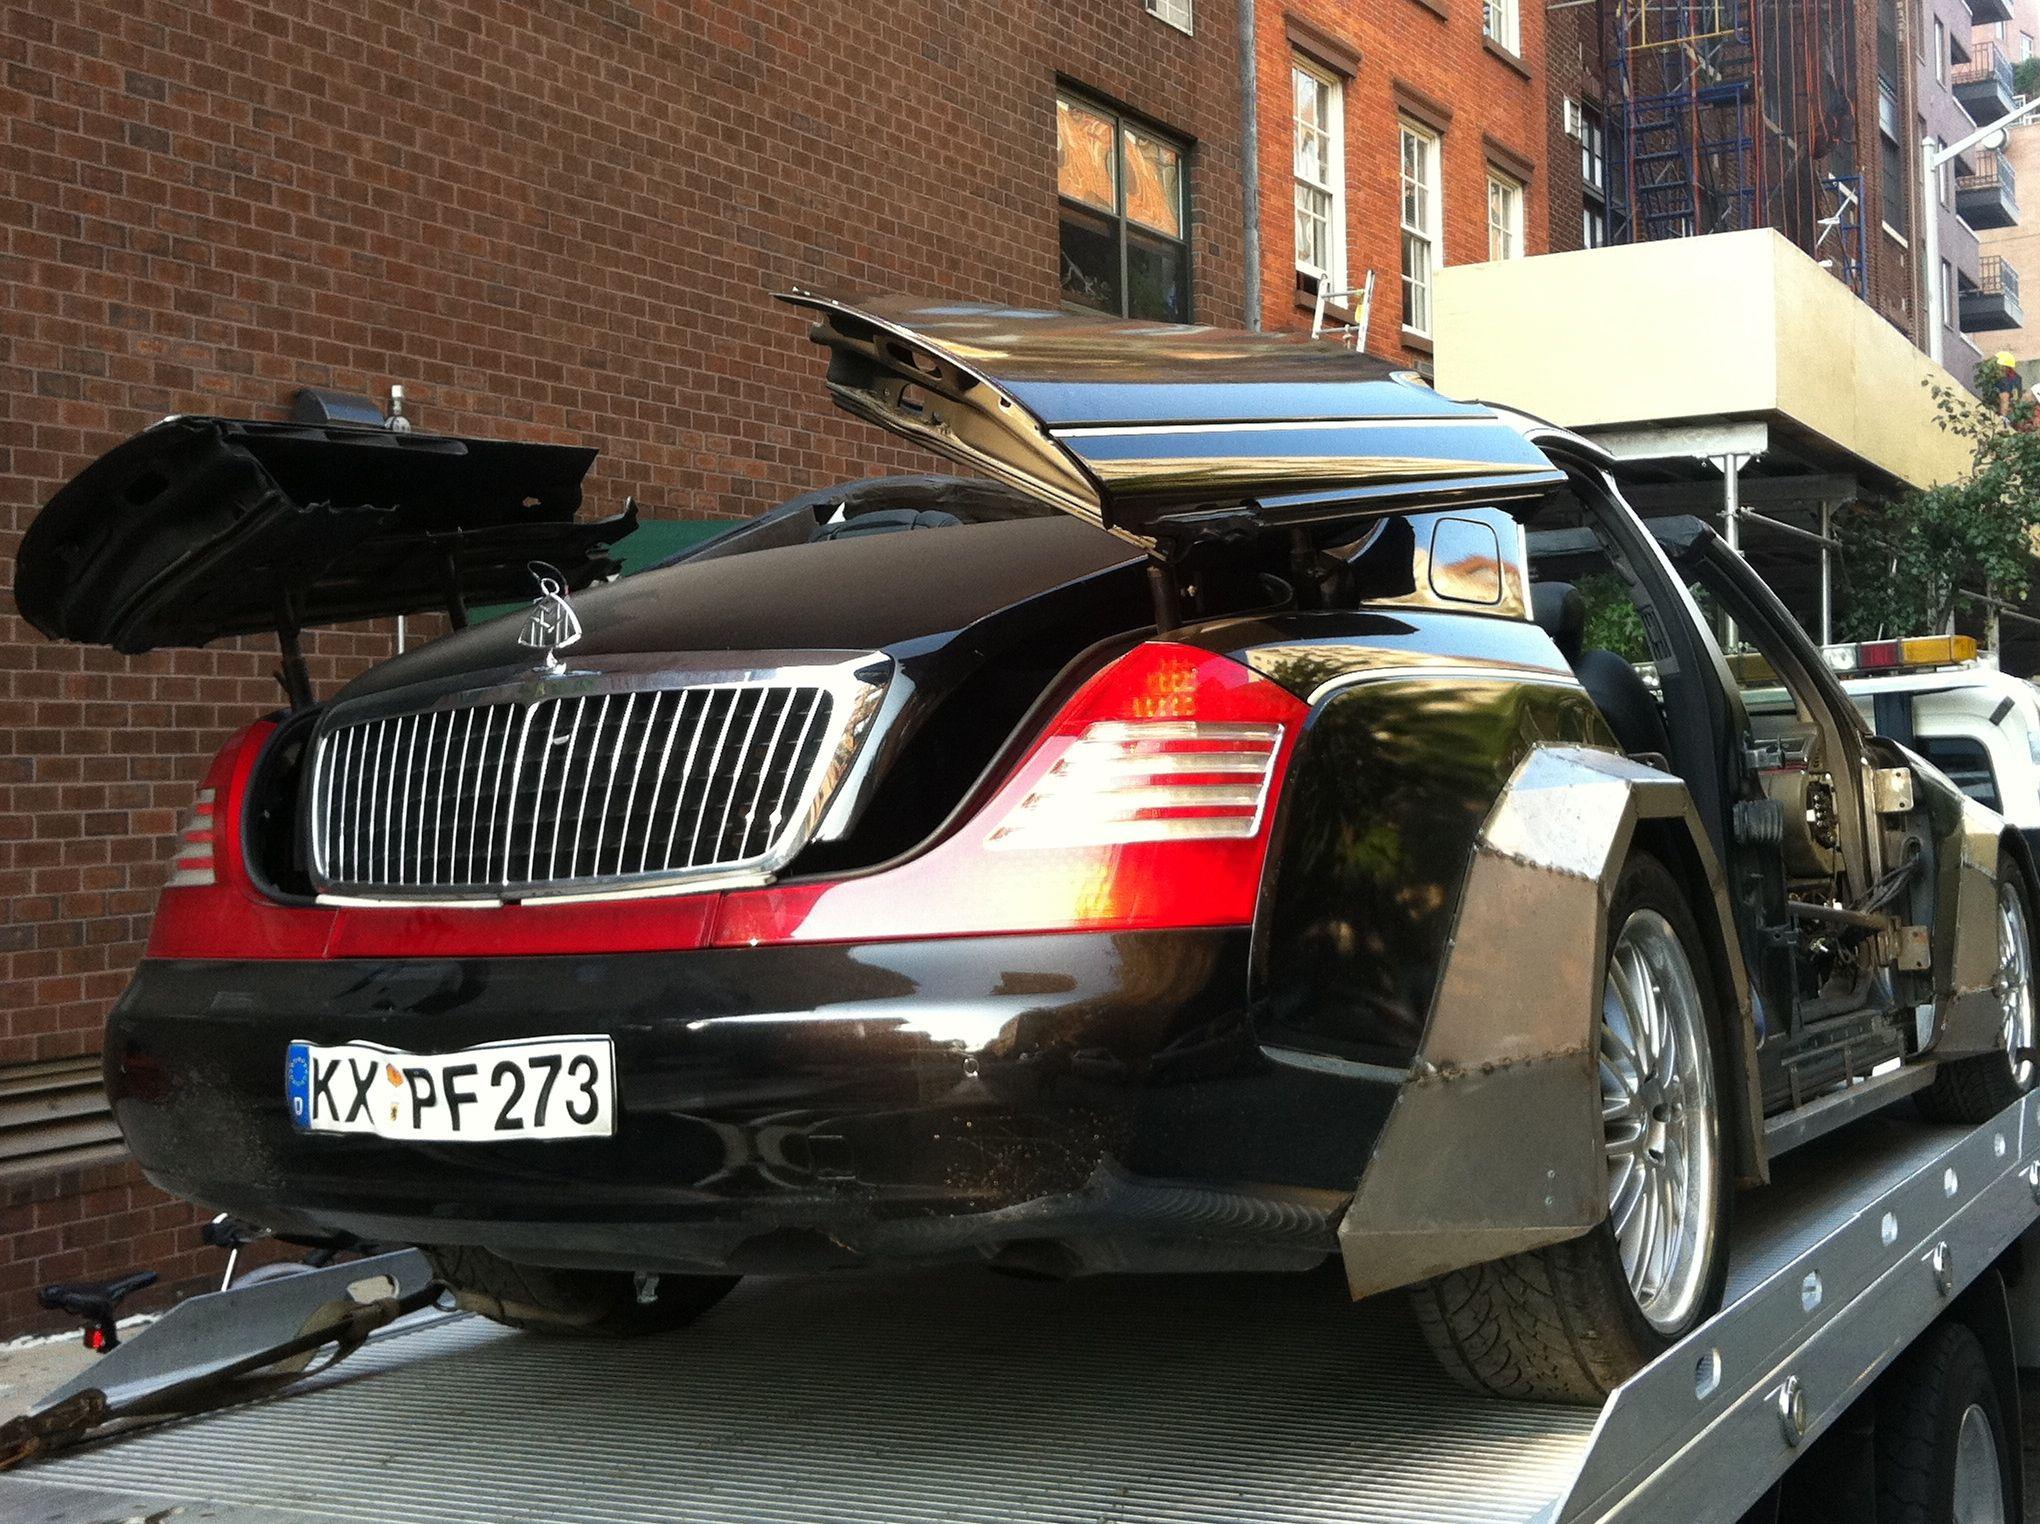 jay-z maybach coupe | jay-z's new maybach? | | cars | pinterest